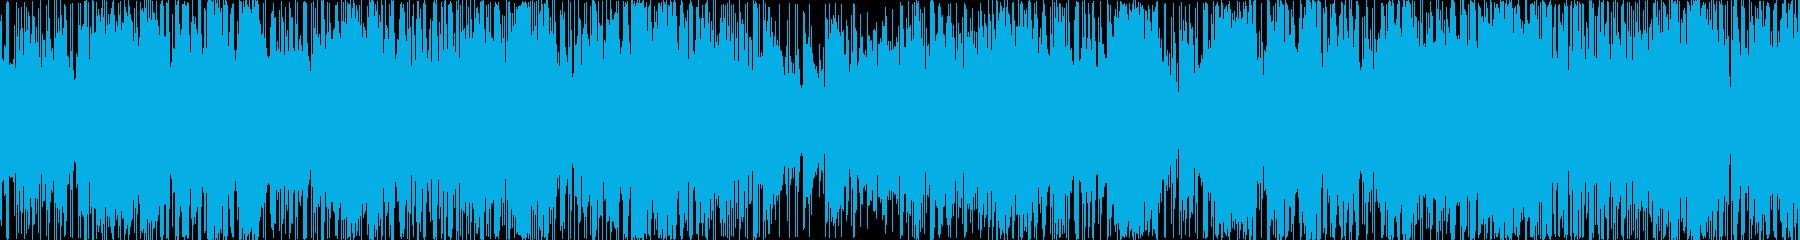 ファンキー 説明的 静か お洒落 ...の再生済みの波形